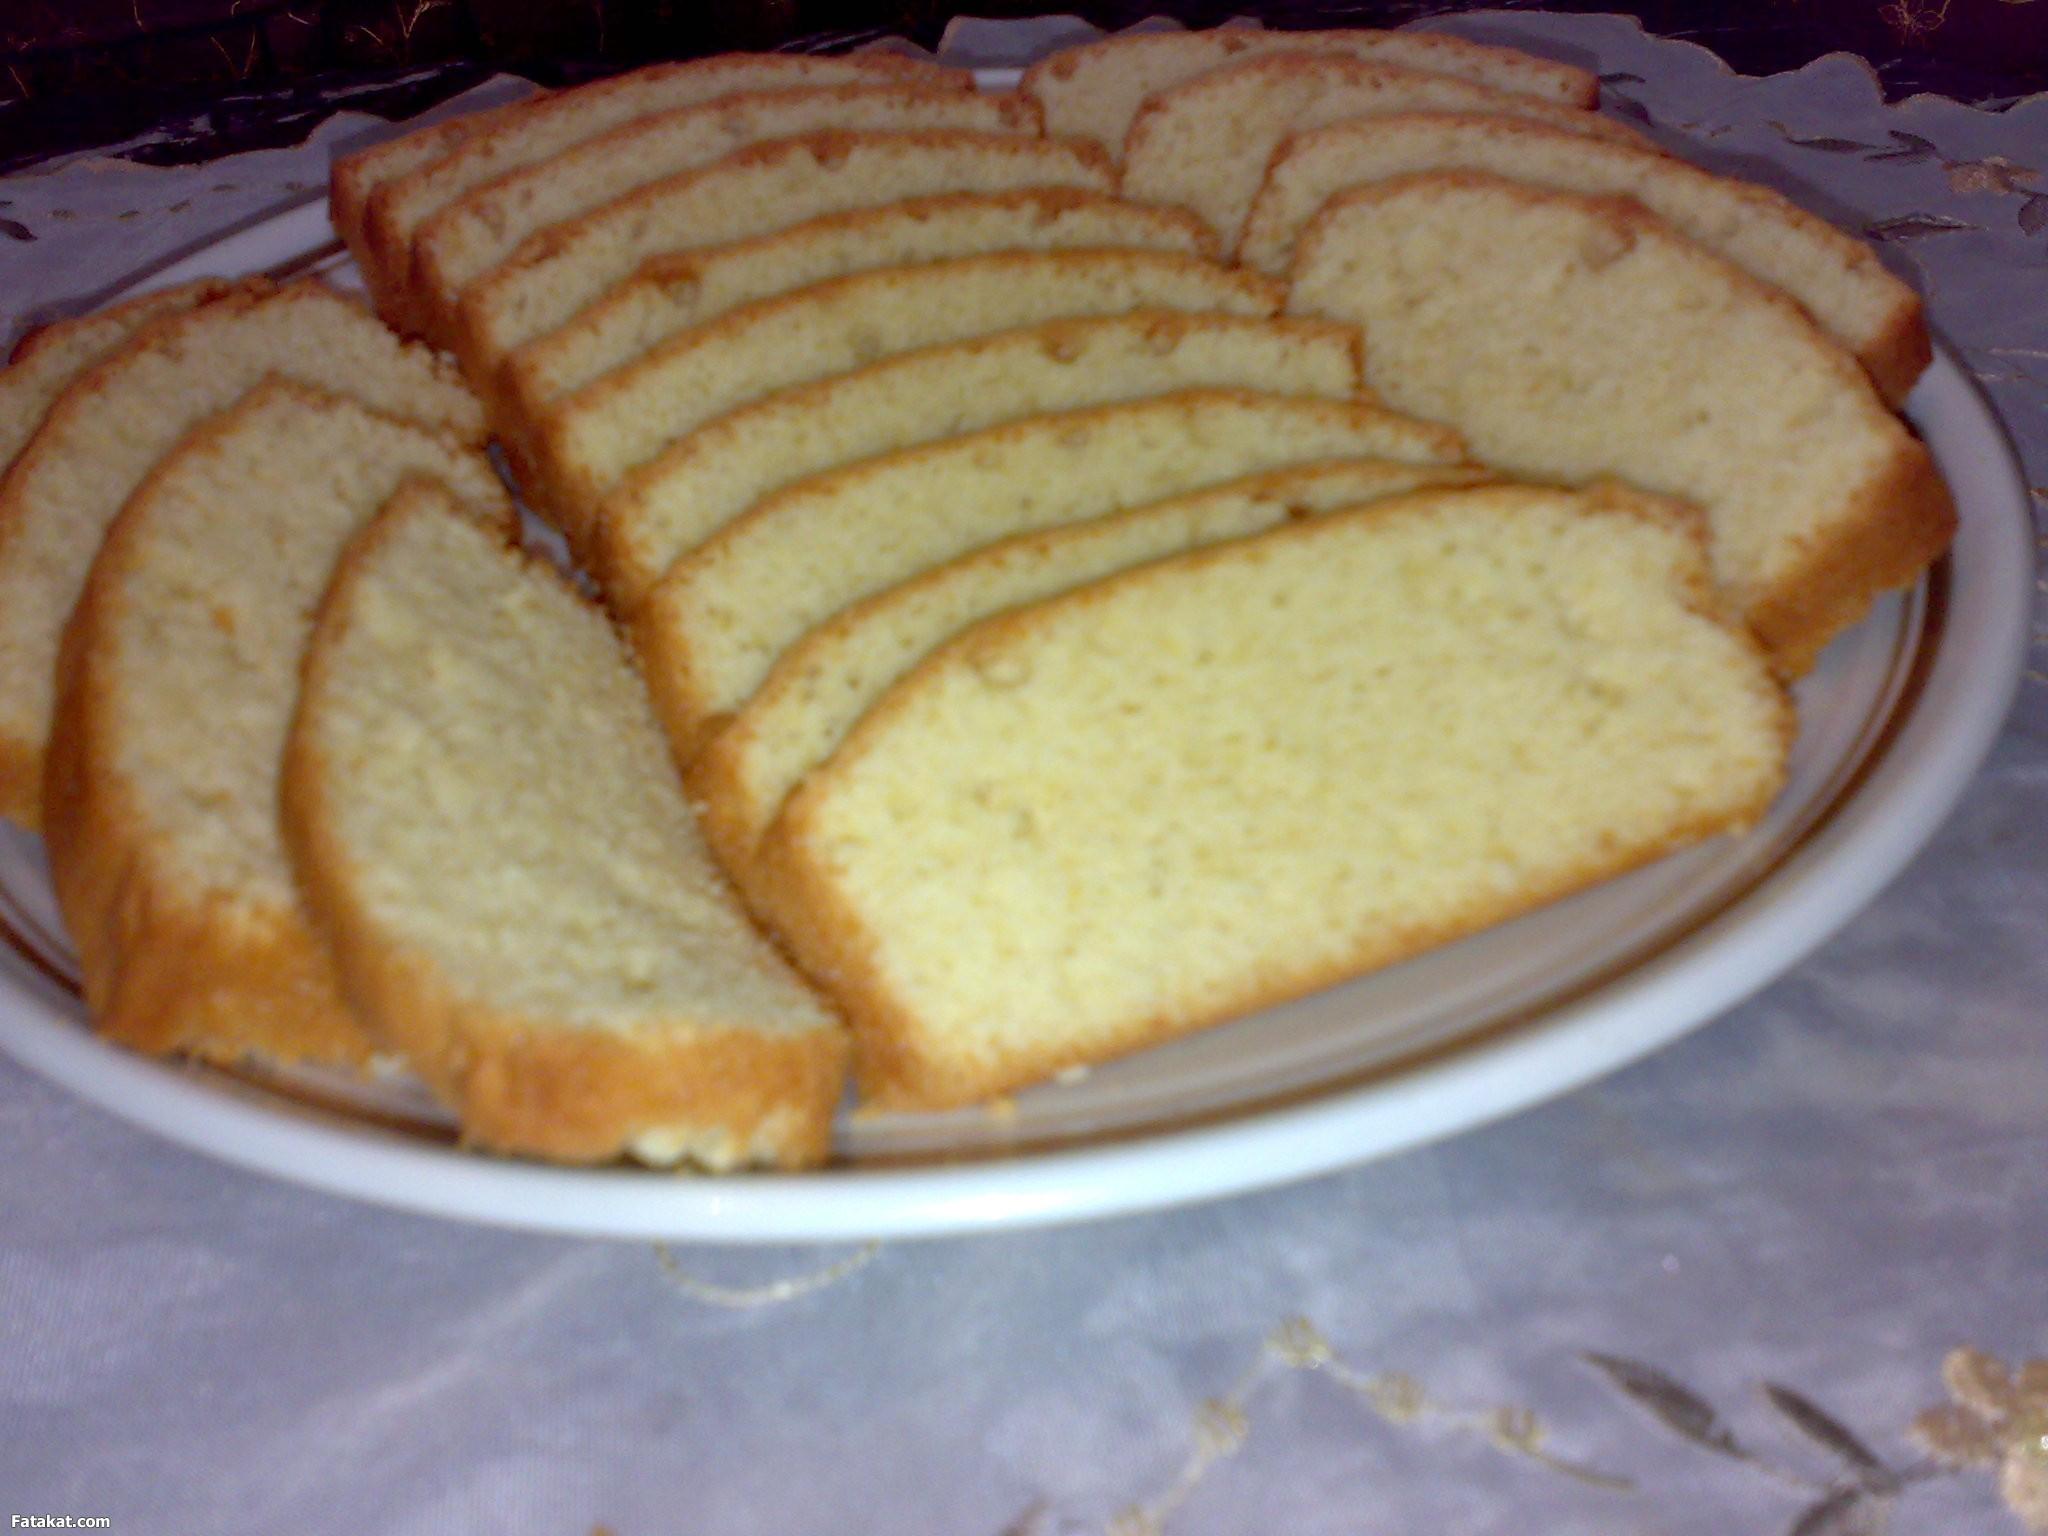 صور طريقة عمل الكيك العادي بل كريمة